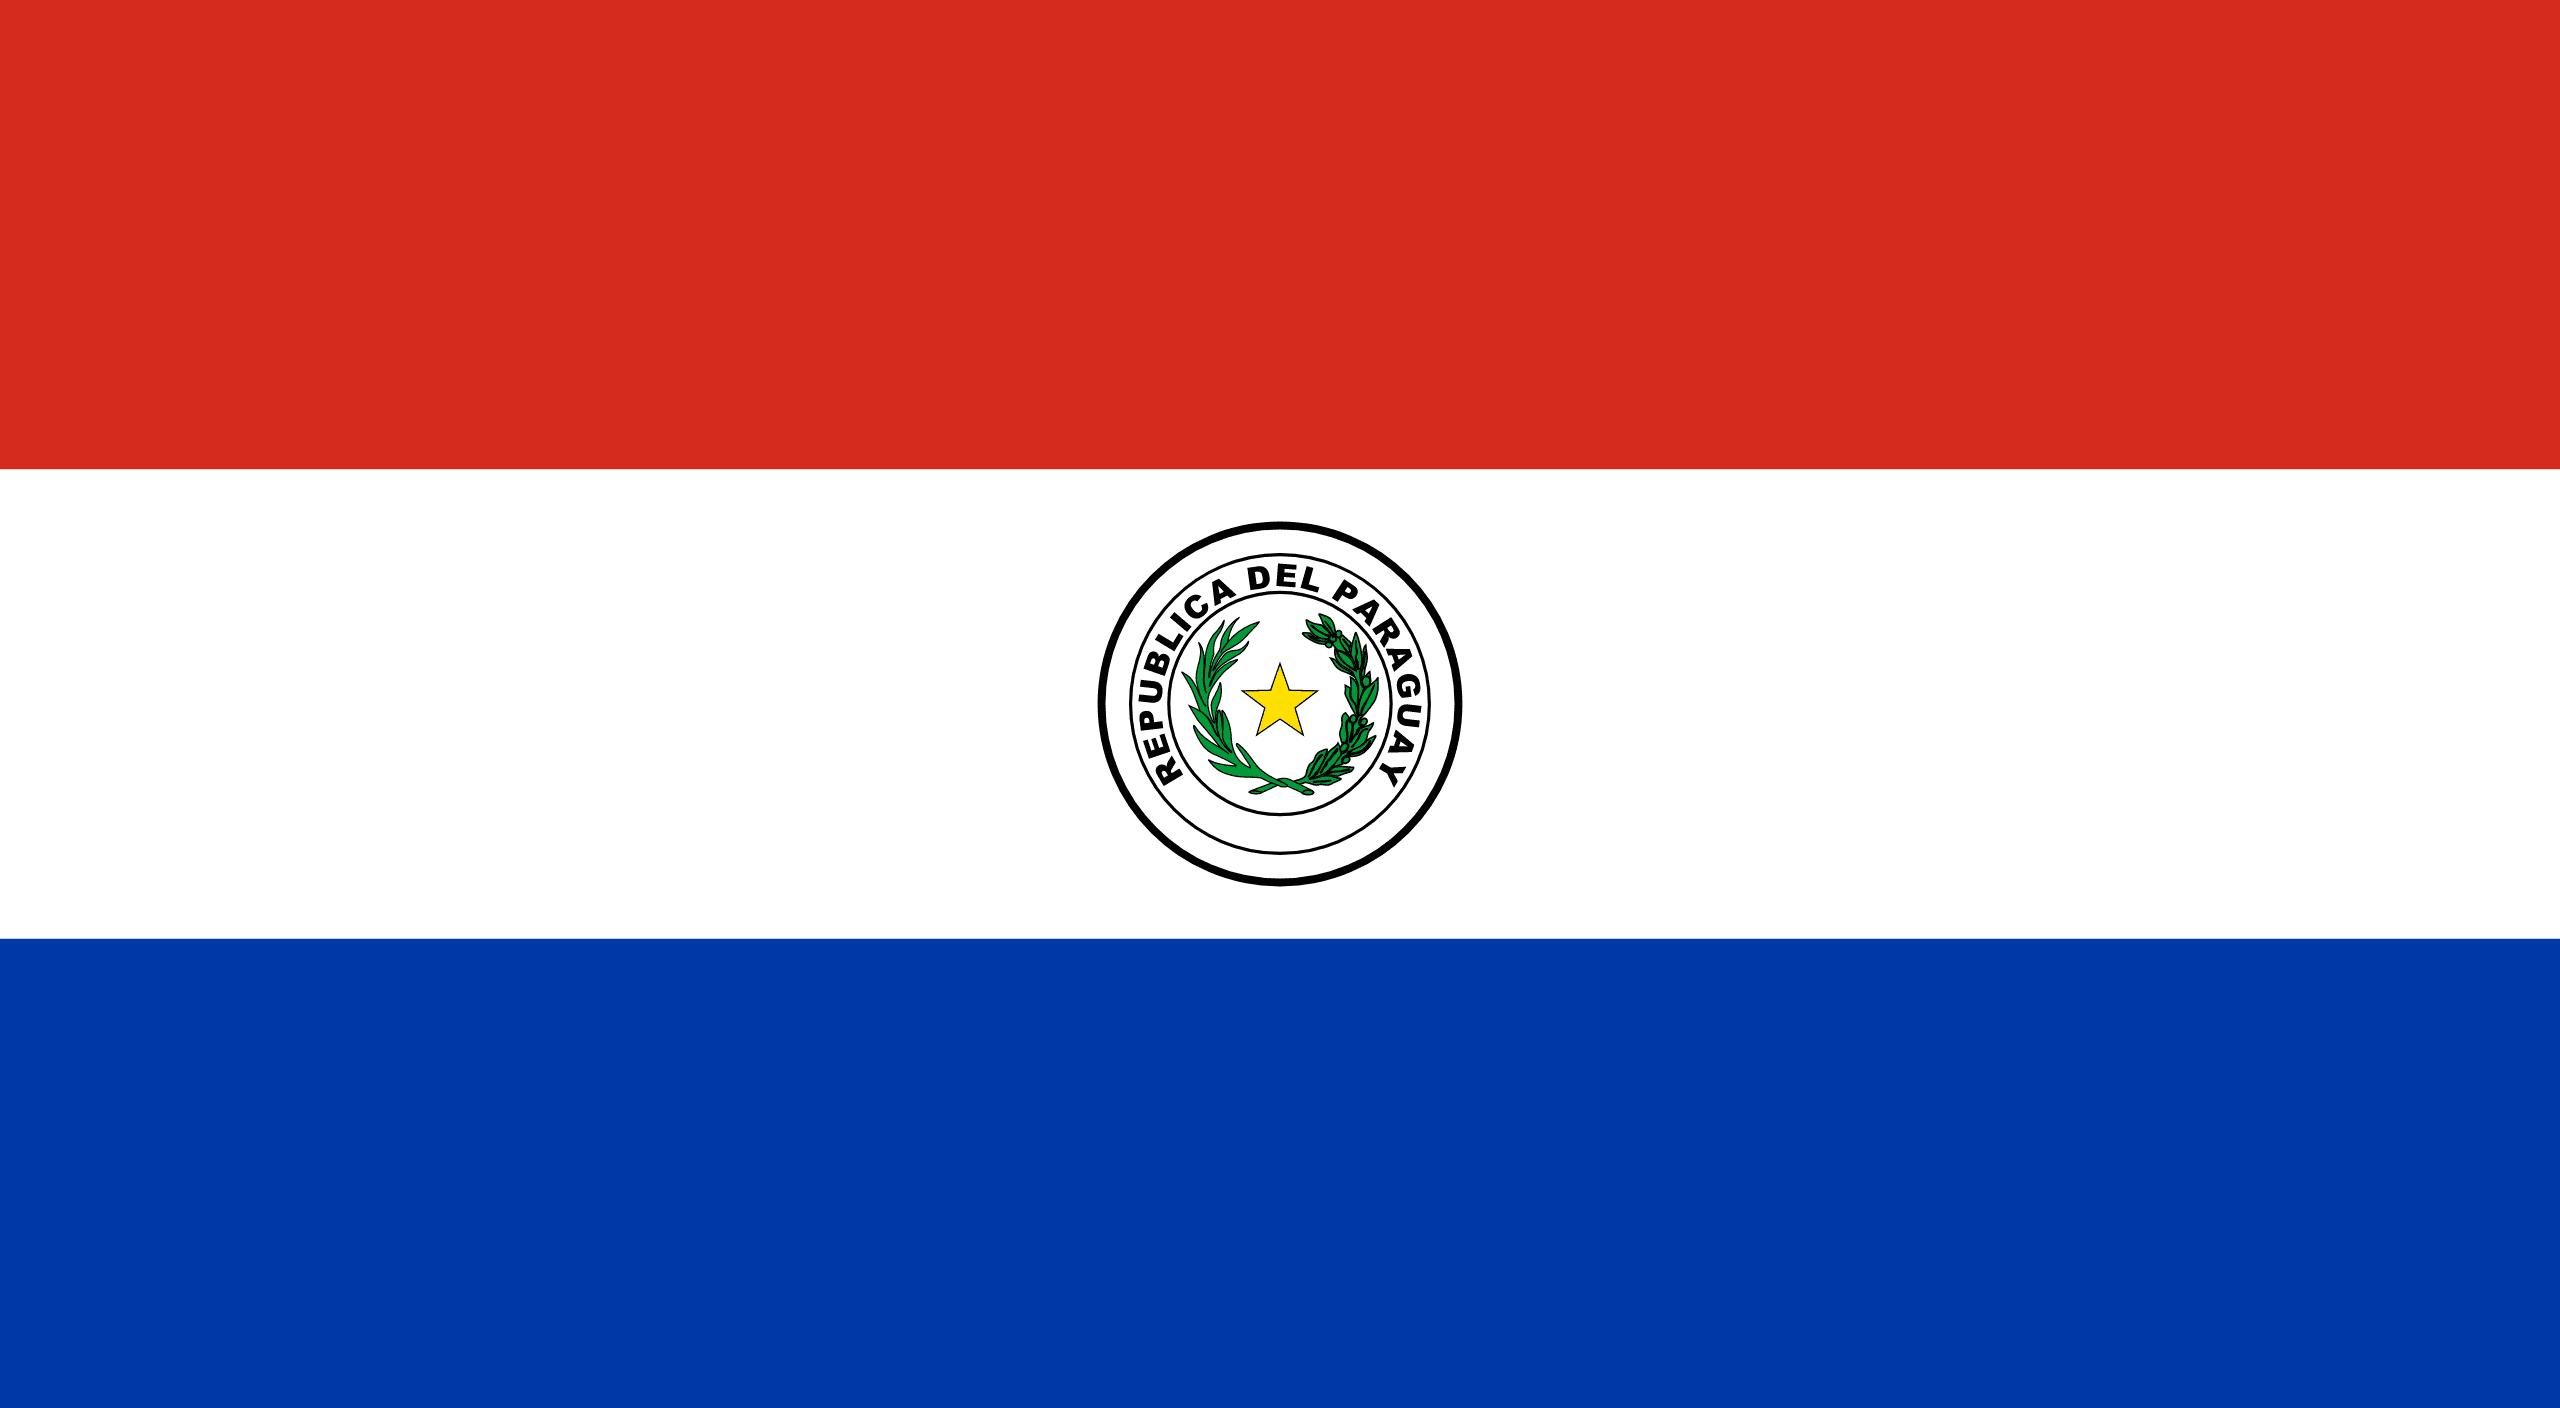 Paraguay'ın Başkenti ve Para Birimi Nedir? Paraguay'ın Bayrağı Nasıldır?